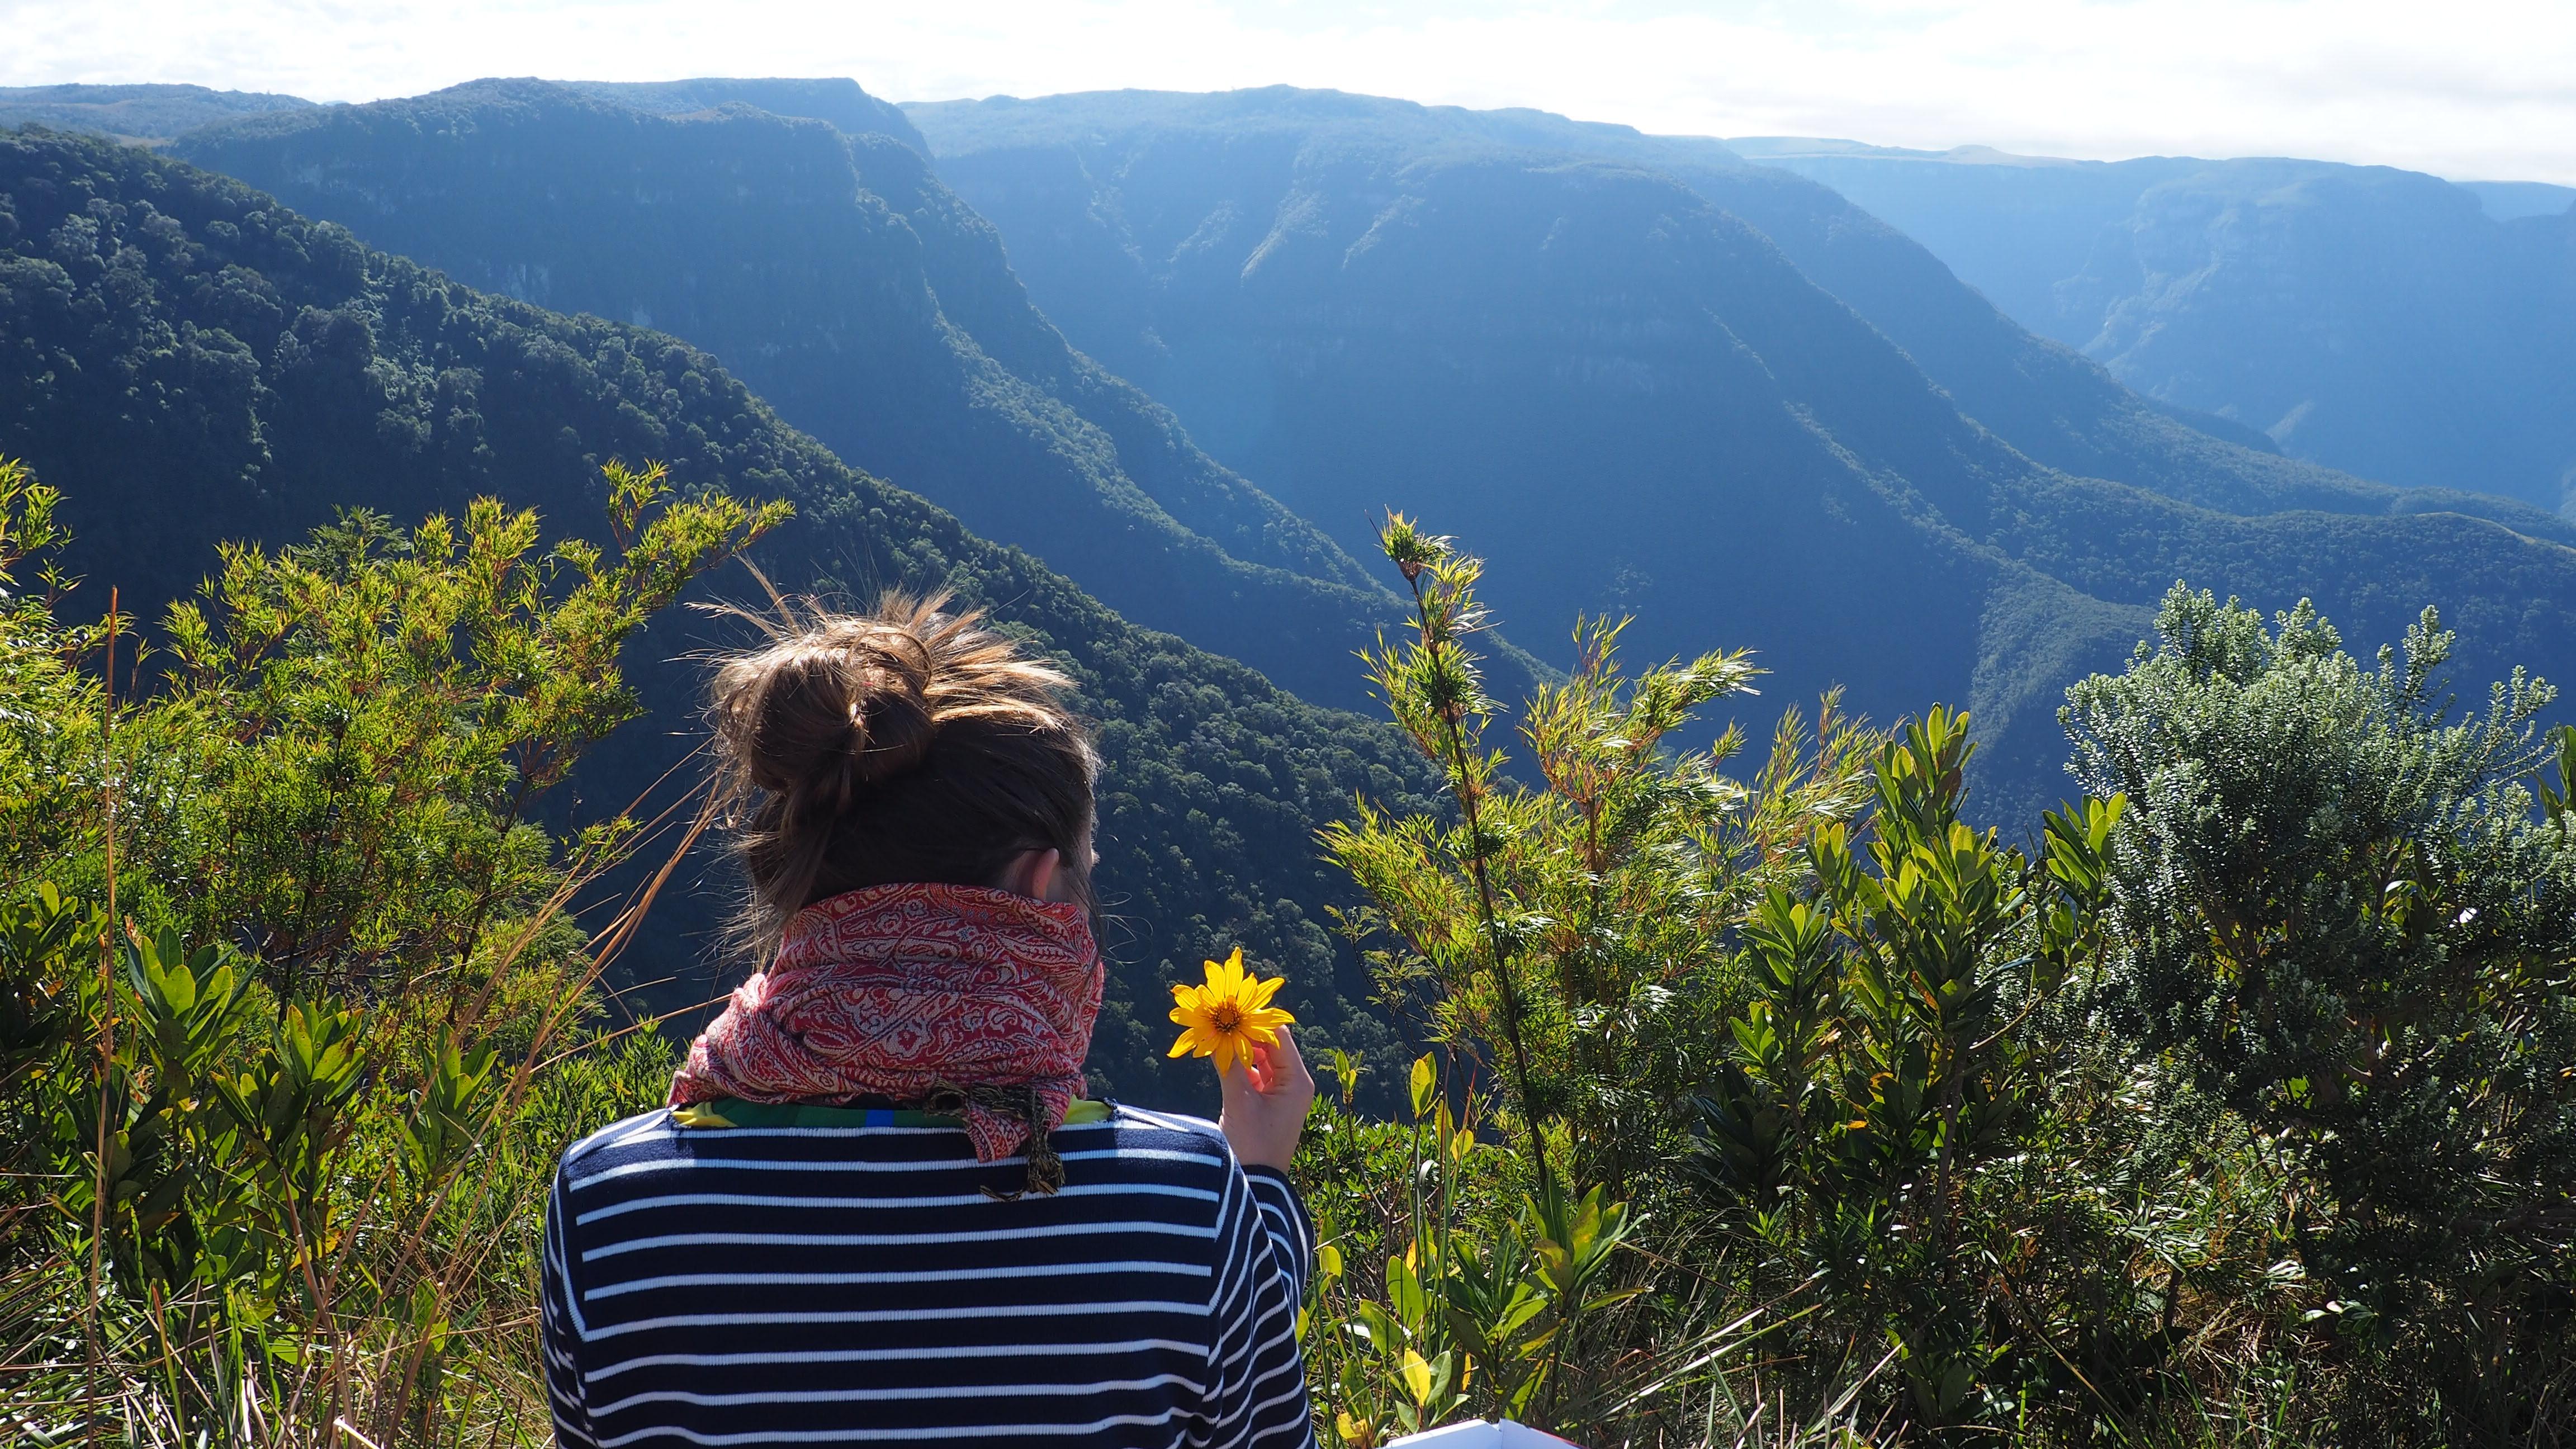 Vistas de la Serra Geral desde la carretera